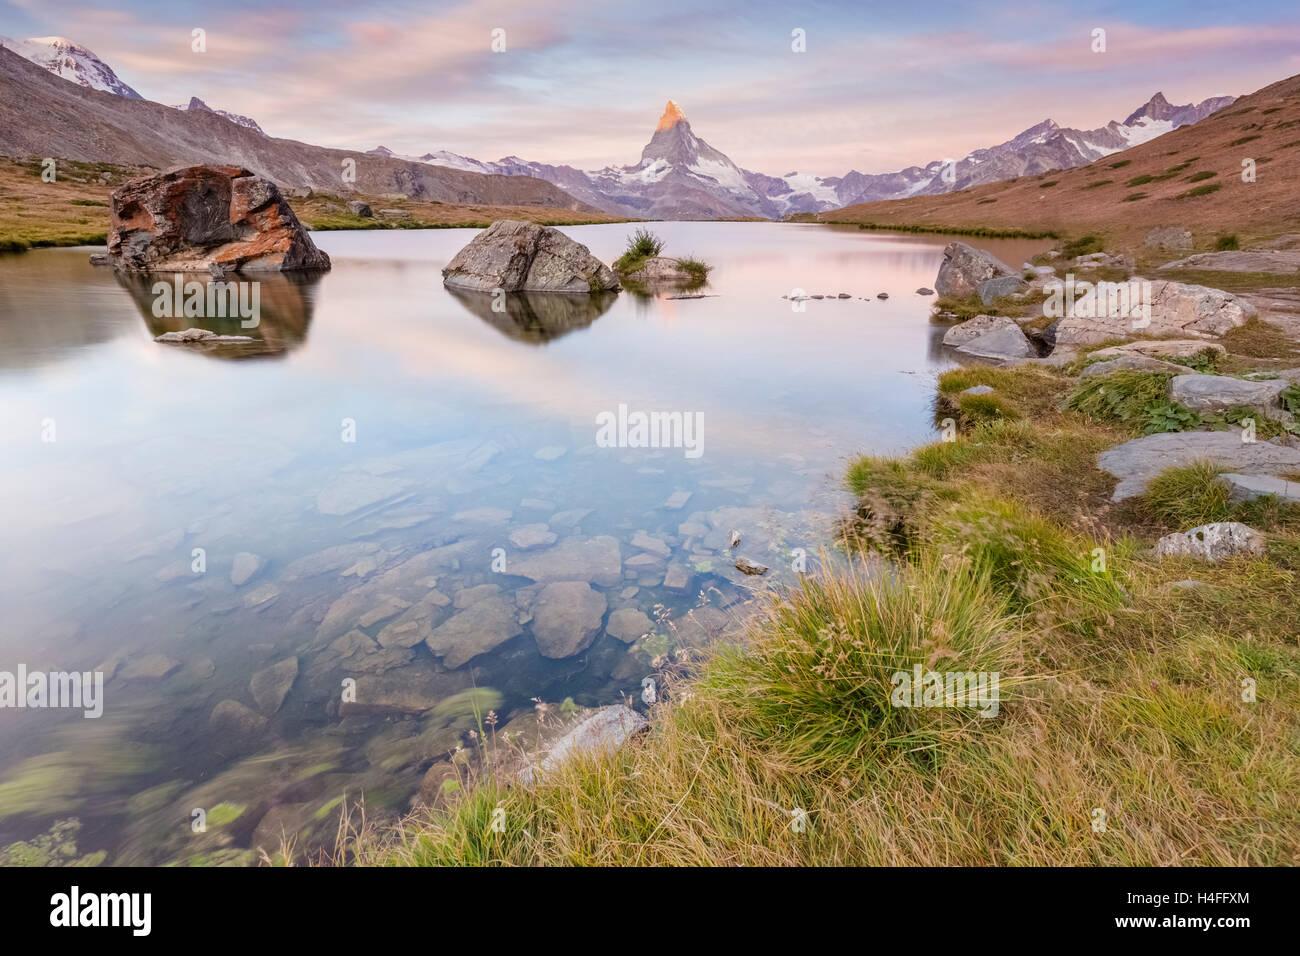 Amanecer en el lago Stellisee con el reflejo del Matterhorn, Zermatt, Suiza Imagen De Stock